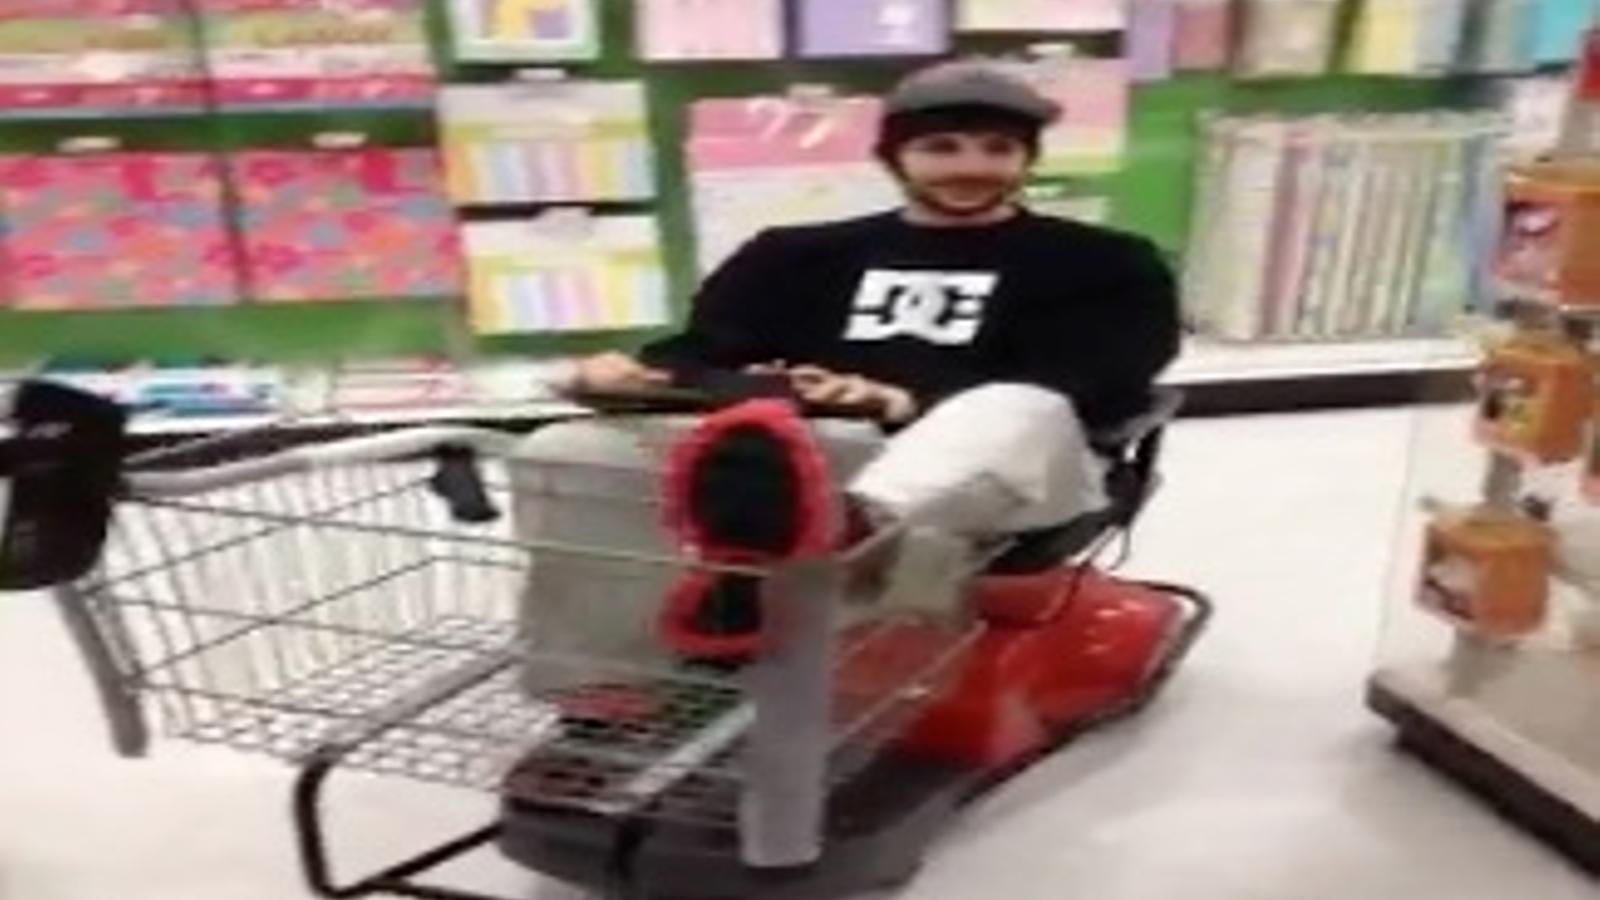 L'original manera d'anar a comprar de Ricky Rubio